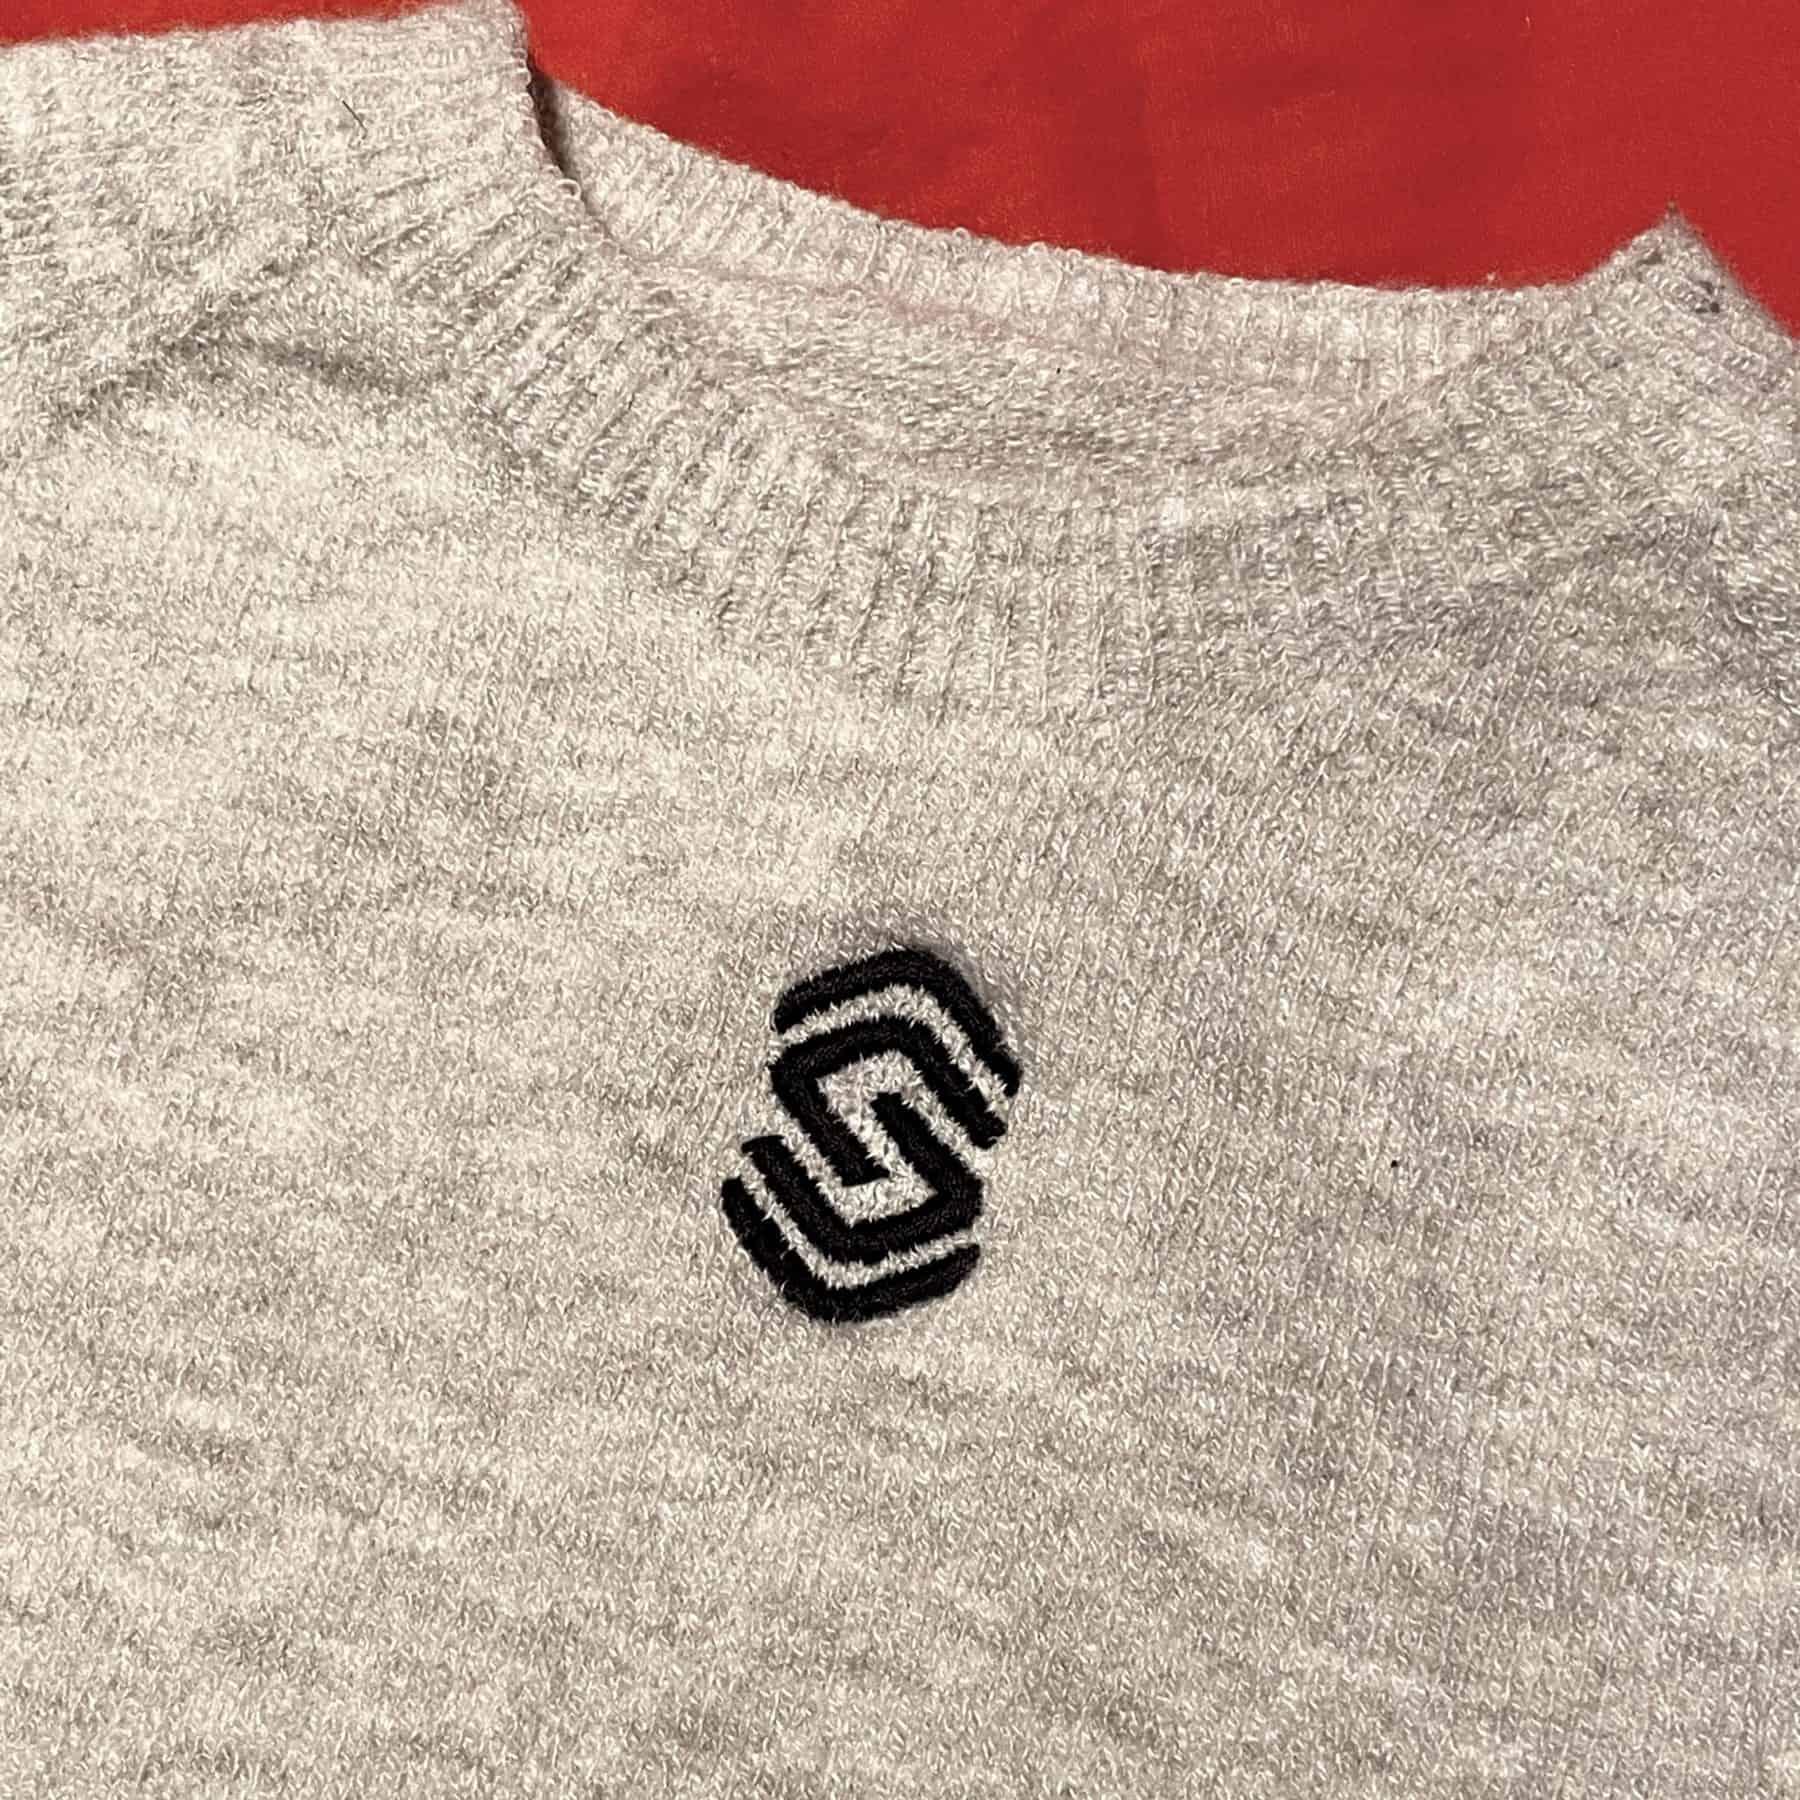 Silverskin Stay Warm maglia termica, particolare del collo nella versione femminile